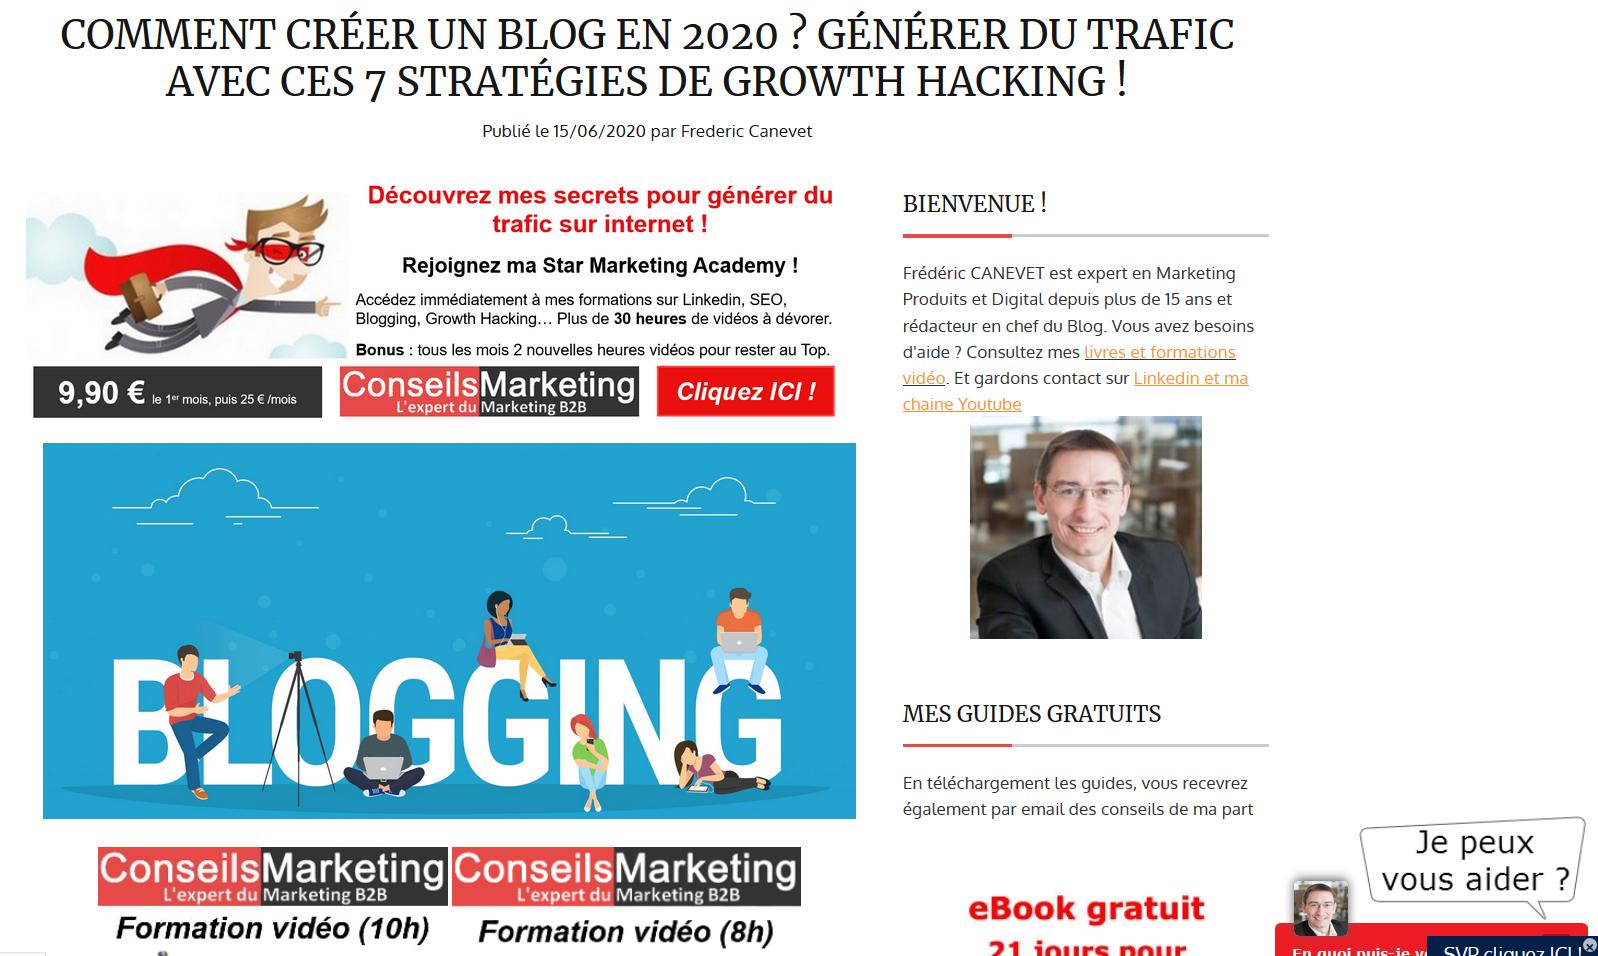 Comment créer un blog en 2020 ? Générez du trafic avec 8 stratégies de Growth Hacking ! 6